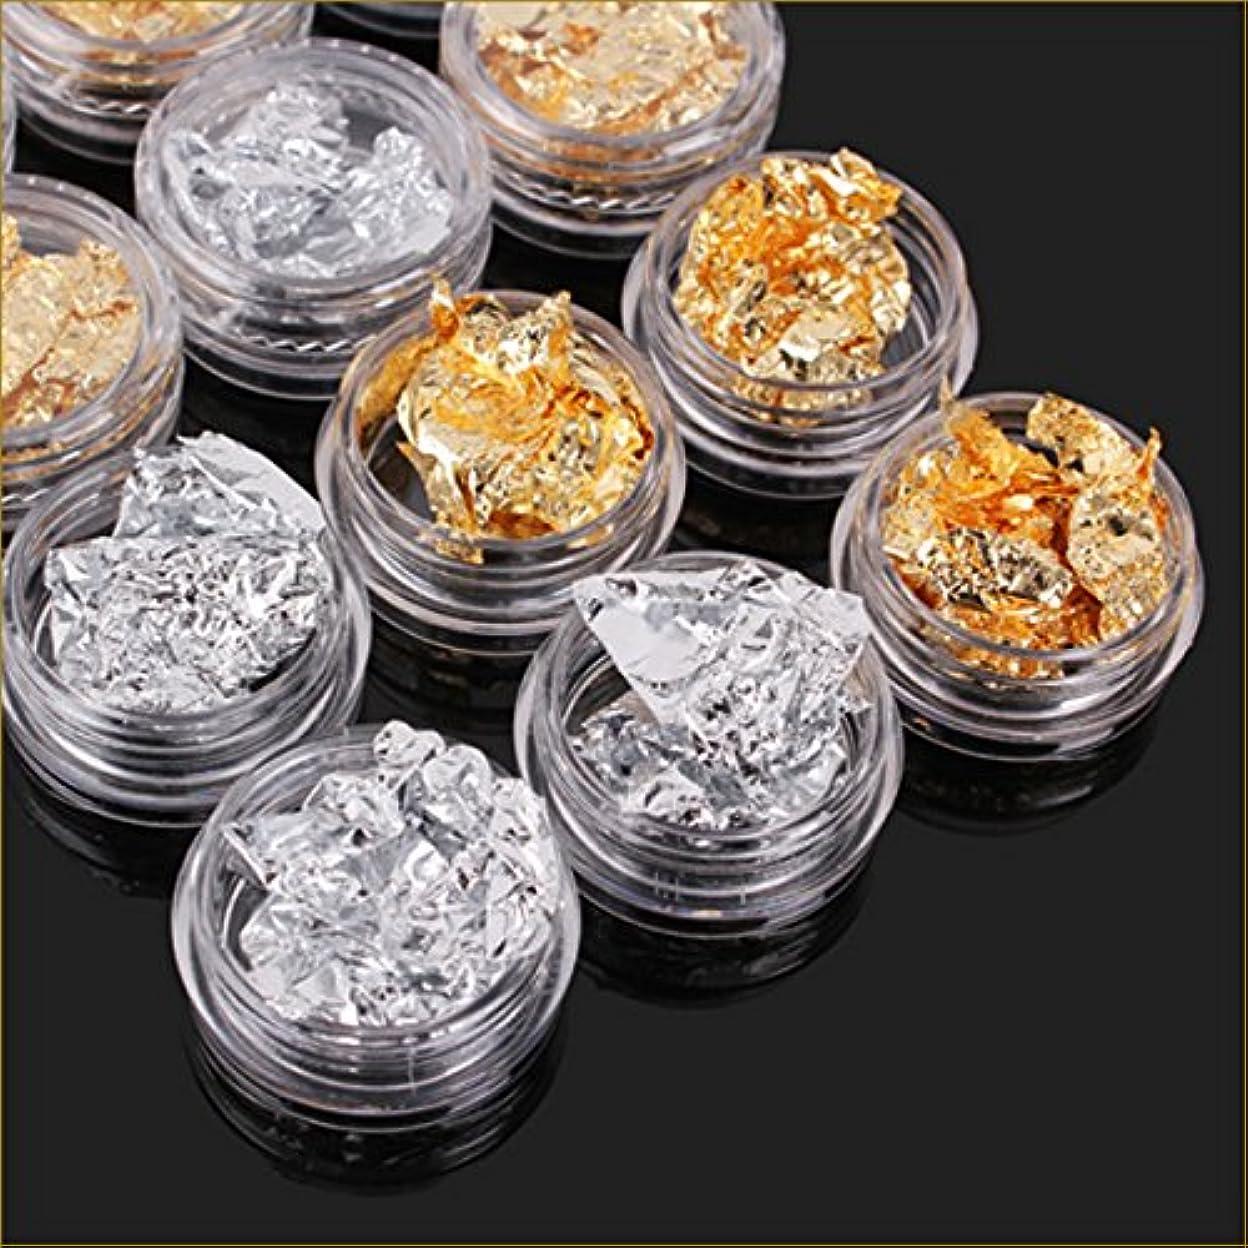 絞る保守的自明ネイル用品金箔 銀箔 大量 2個入り 2色 ケース付き ネイルパーツ メタルスタッズ ネイルナゲット ホイル ベイント用